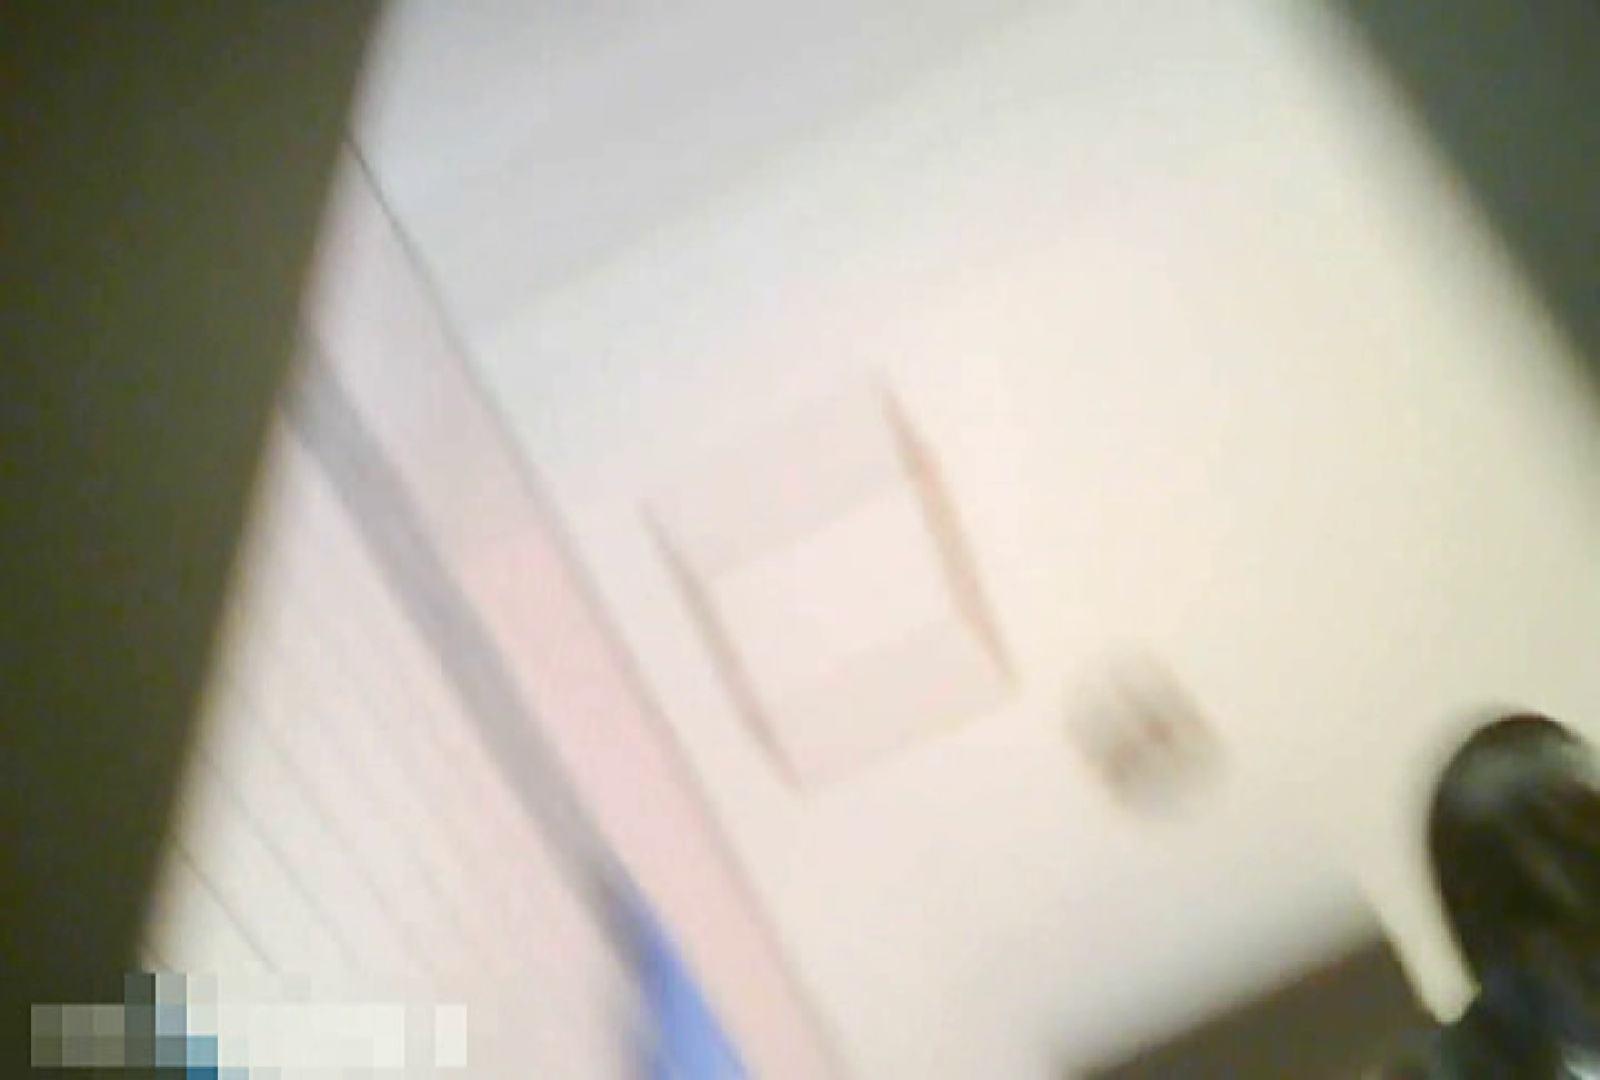 「チキン男」さんの制服ウォッチングVol.5 OLセックス | 制服  98画像 33